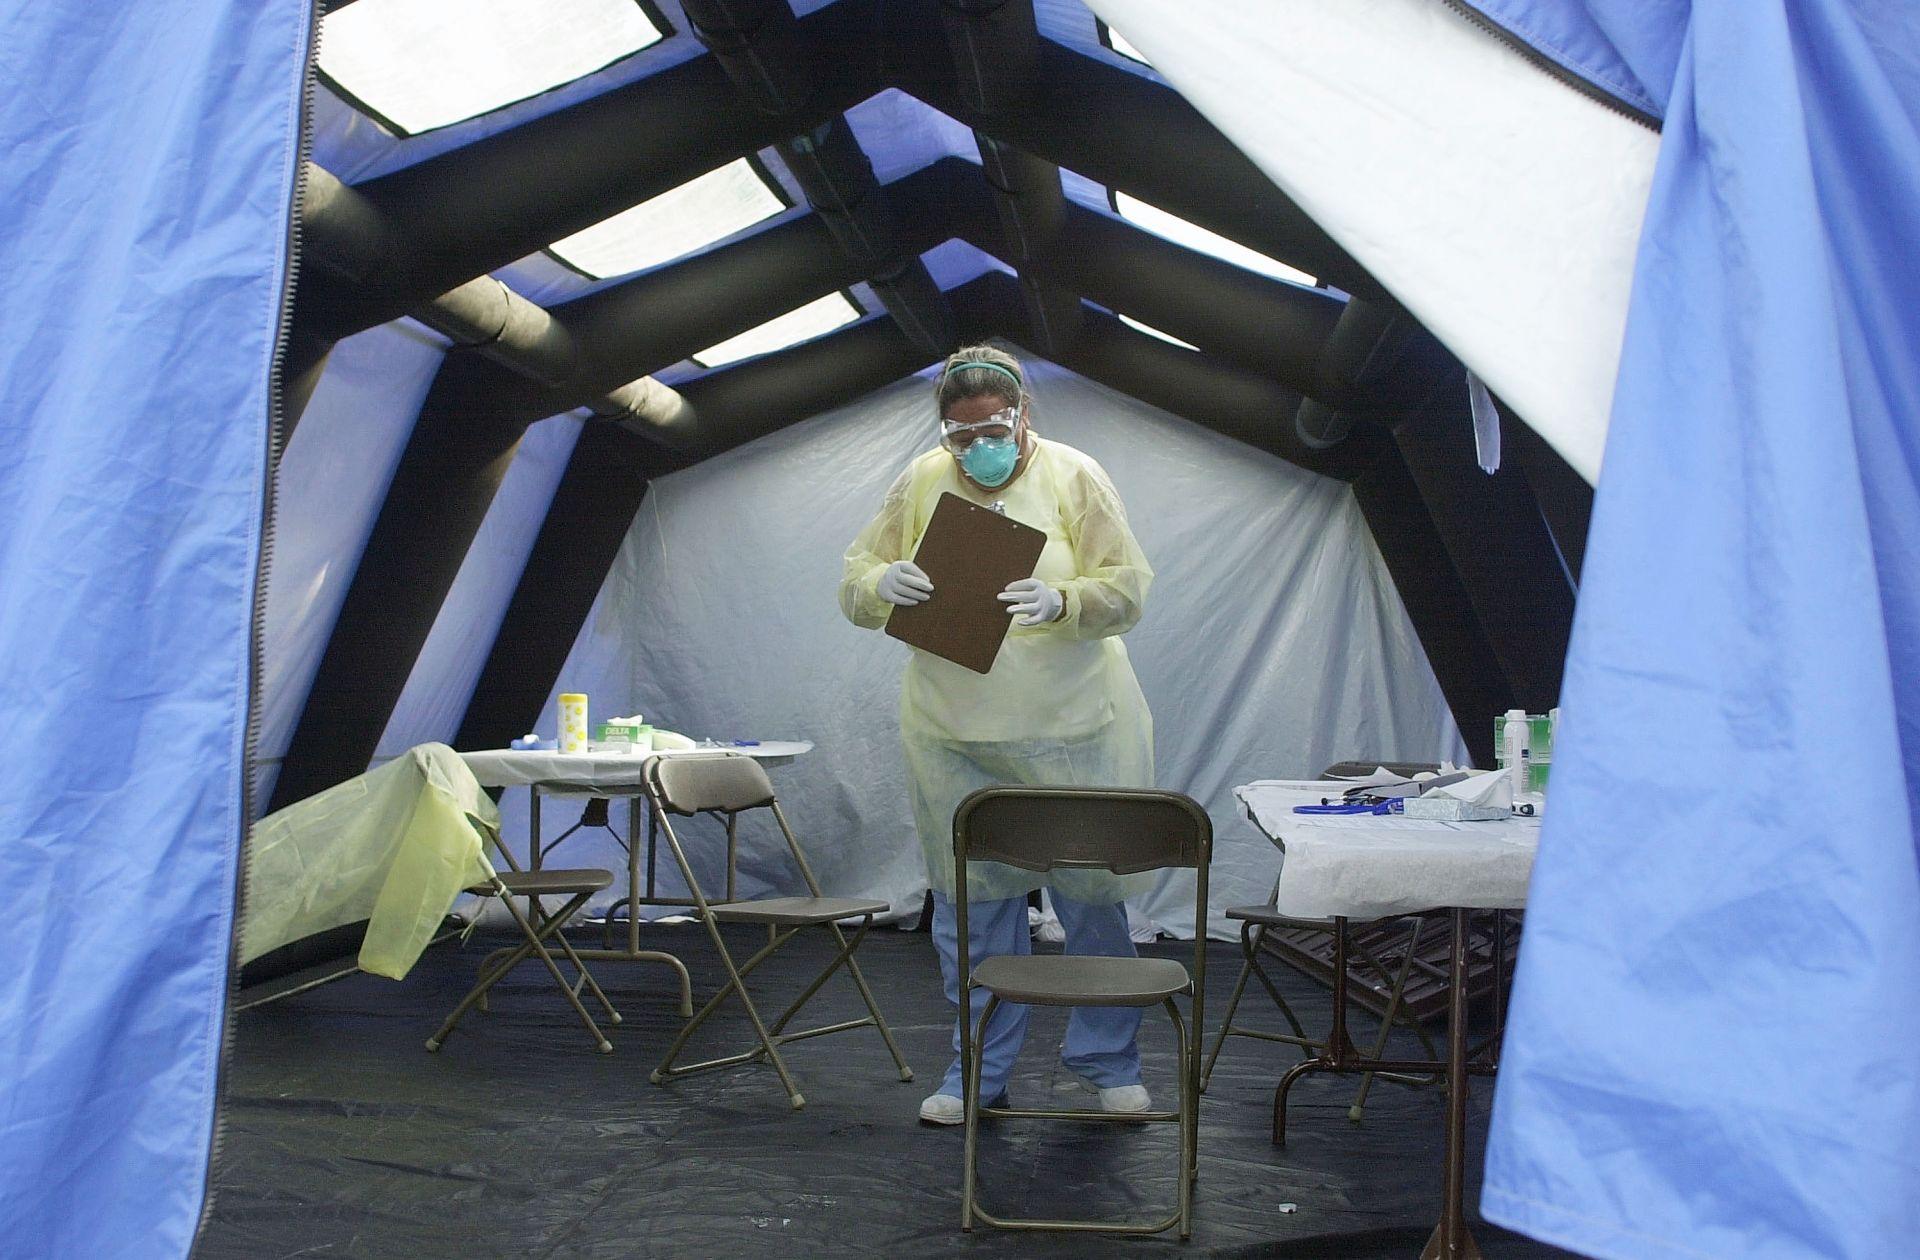 Скрининг за SARS на 13 юни 2003 г. в болница в Северна Каролина